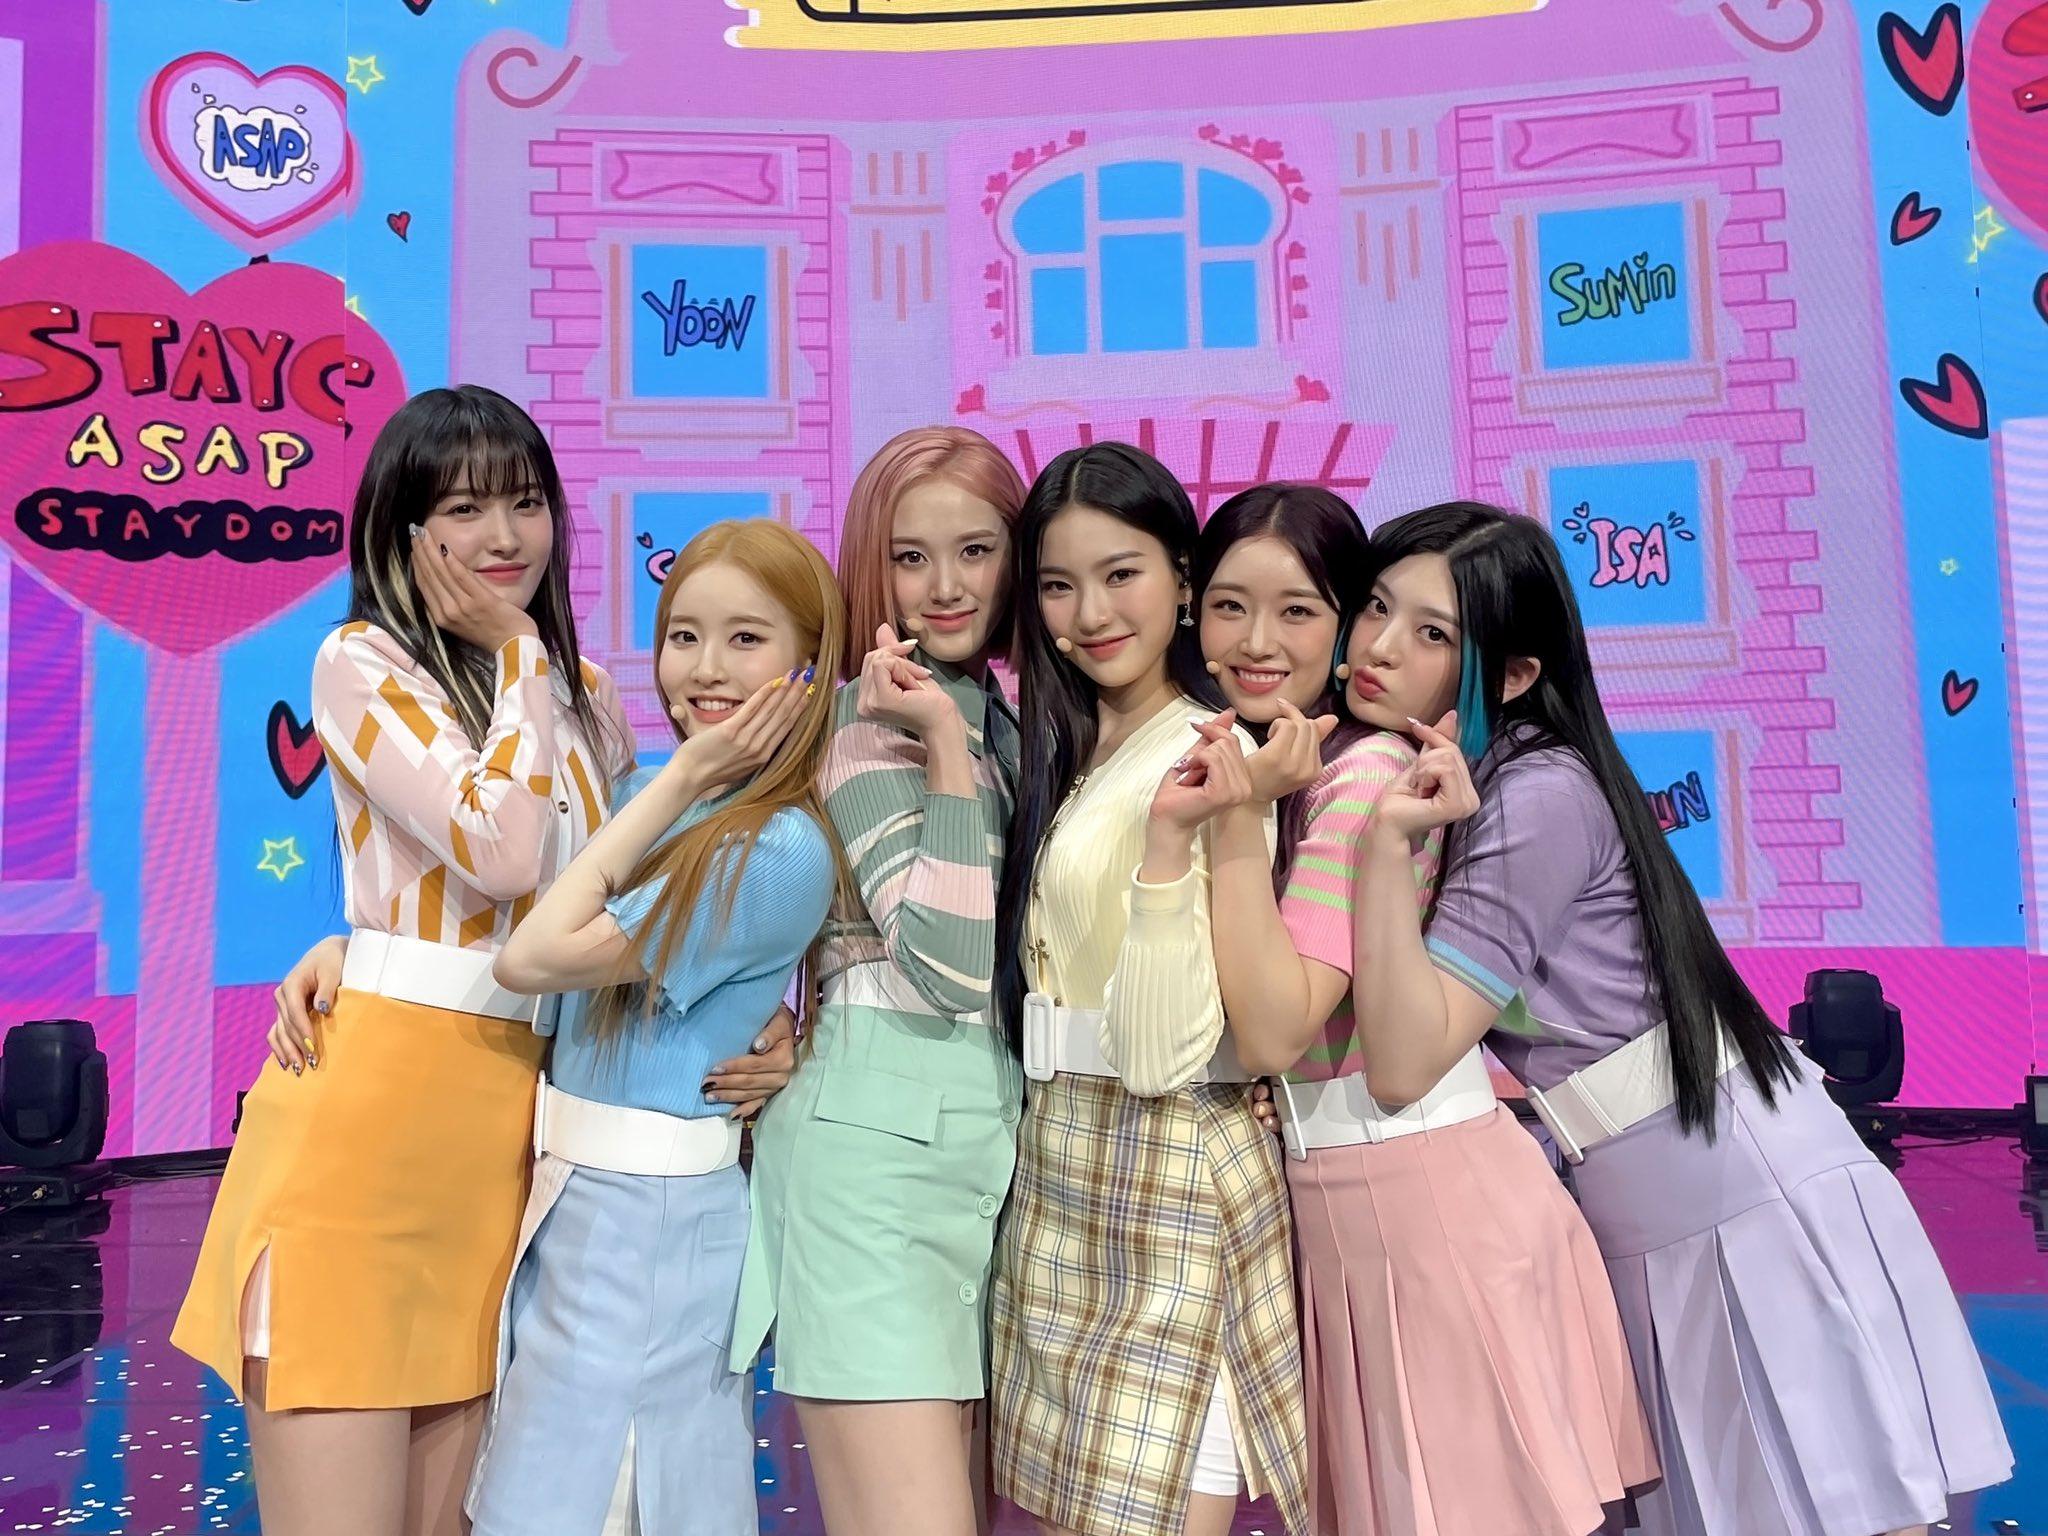 Khi quảng bá trong một chương trình, StayC mang đến hình ảnh đáng yêu, ngọt ngào trong những outfit tông pastel kẹo ngọt.